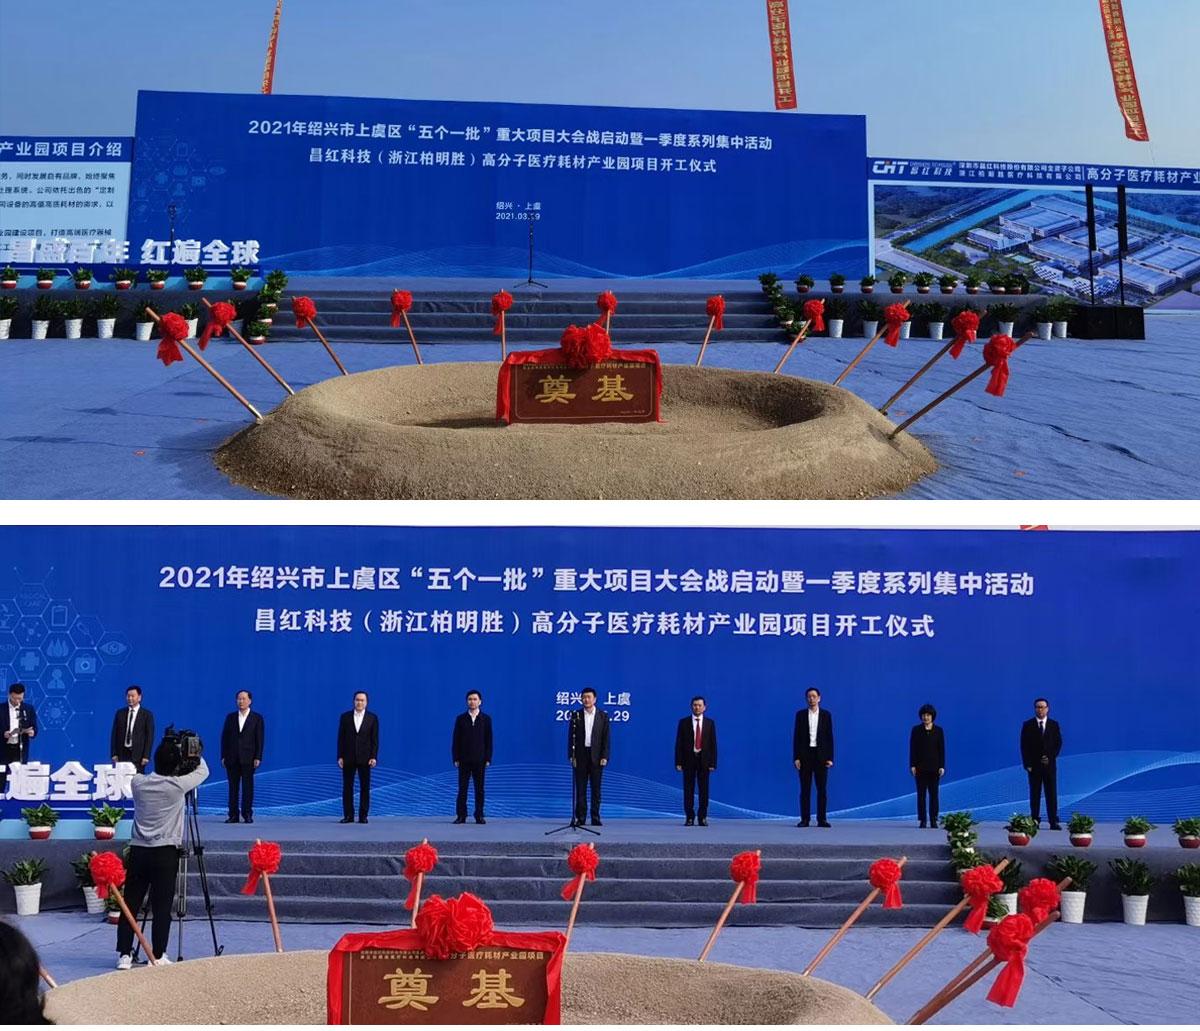 热烈庆祝公司浙江上虞分工厂奠基礼成,祝公司蒸蒸日上、红红火火!